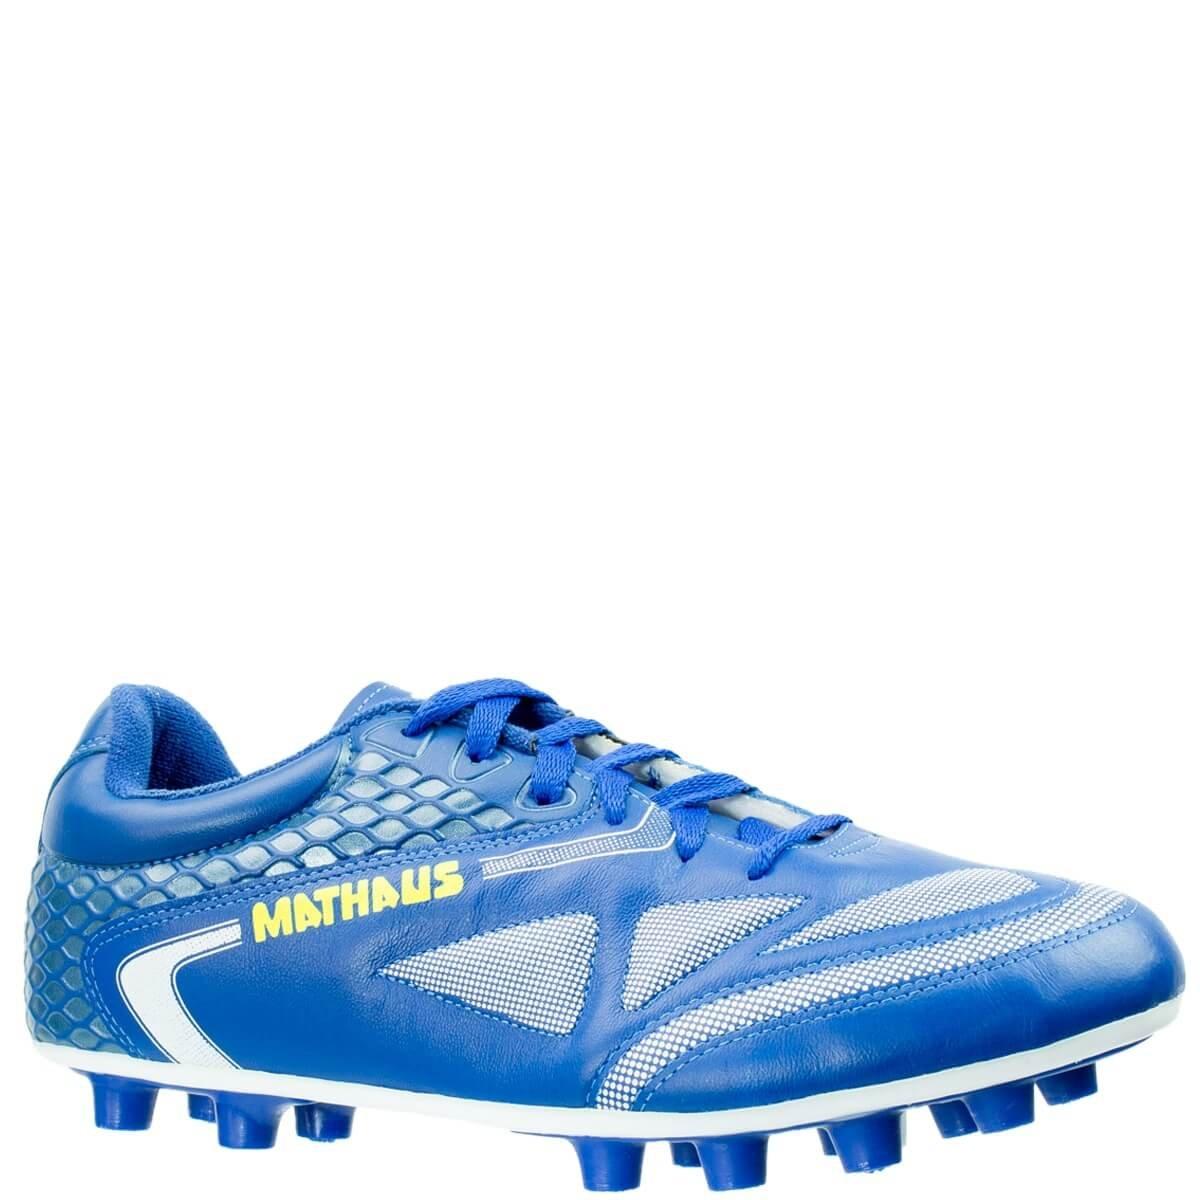 98281e212 Bizz Store - Chuteira Masculina Futebol de Campo Mathaus Unika